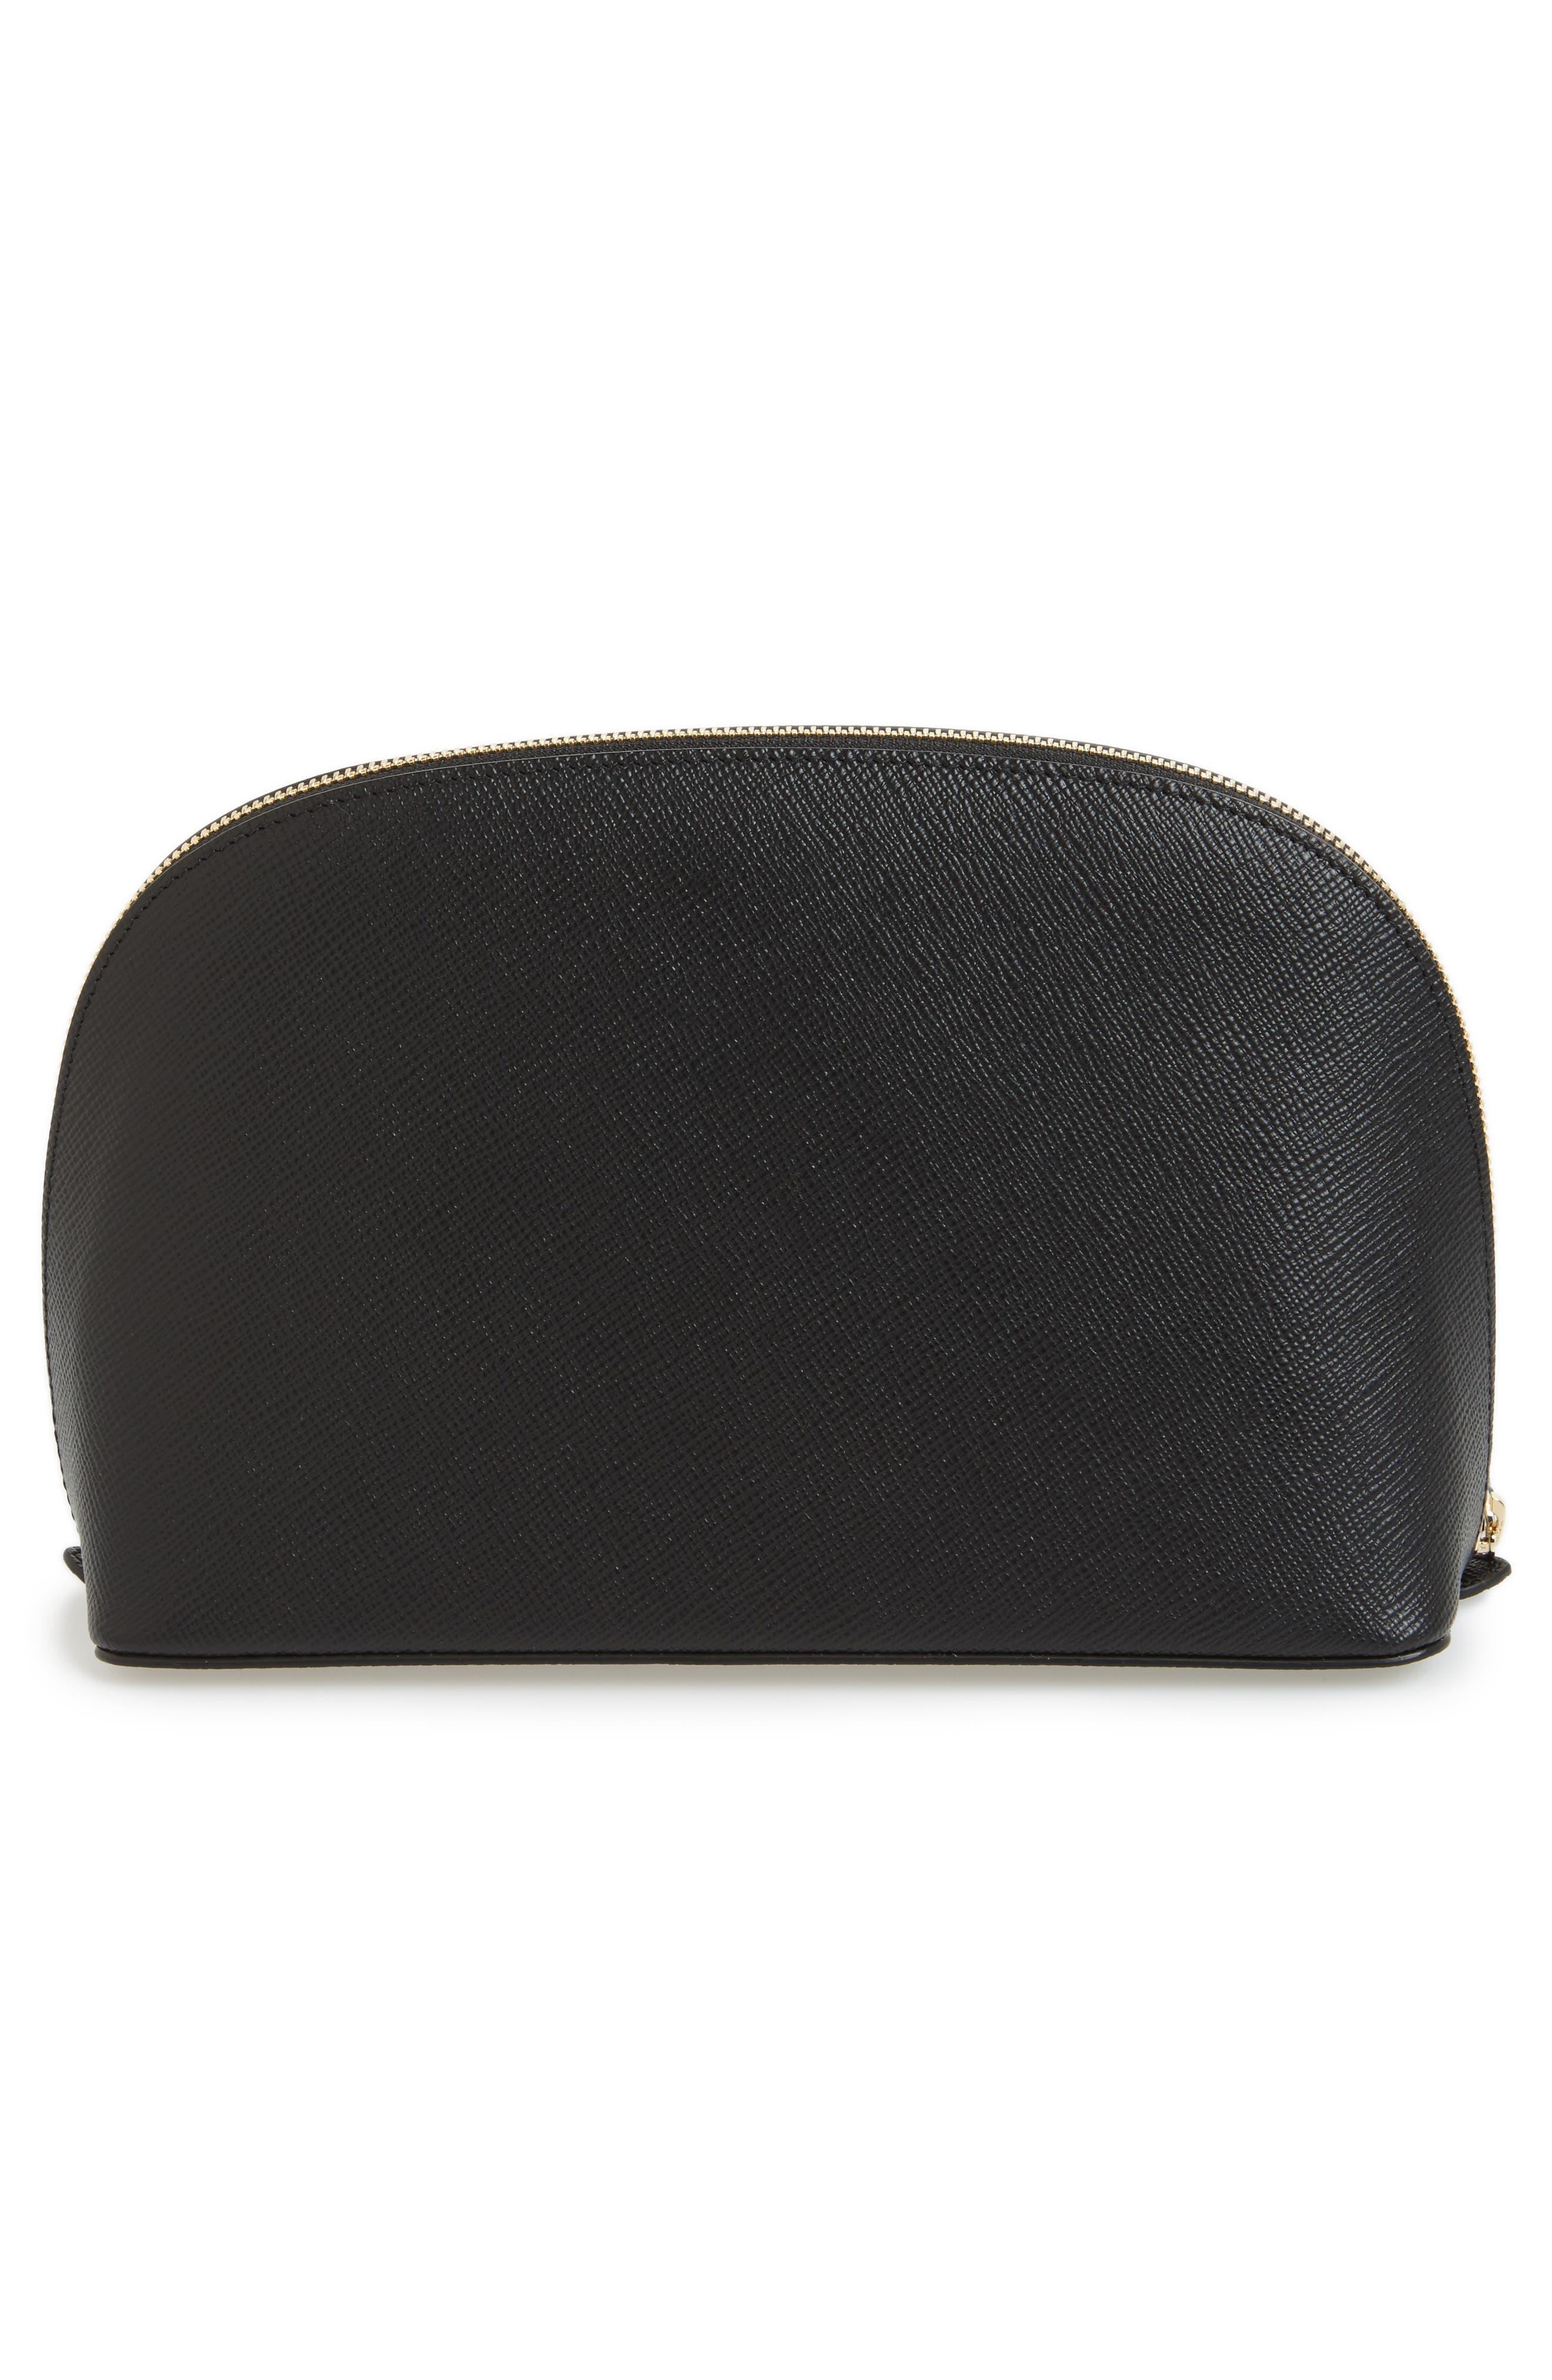 Alternate Image 2  - Smythson Medium Leather Cosmetics Case